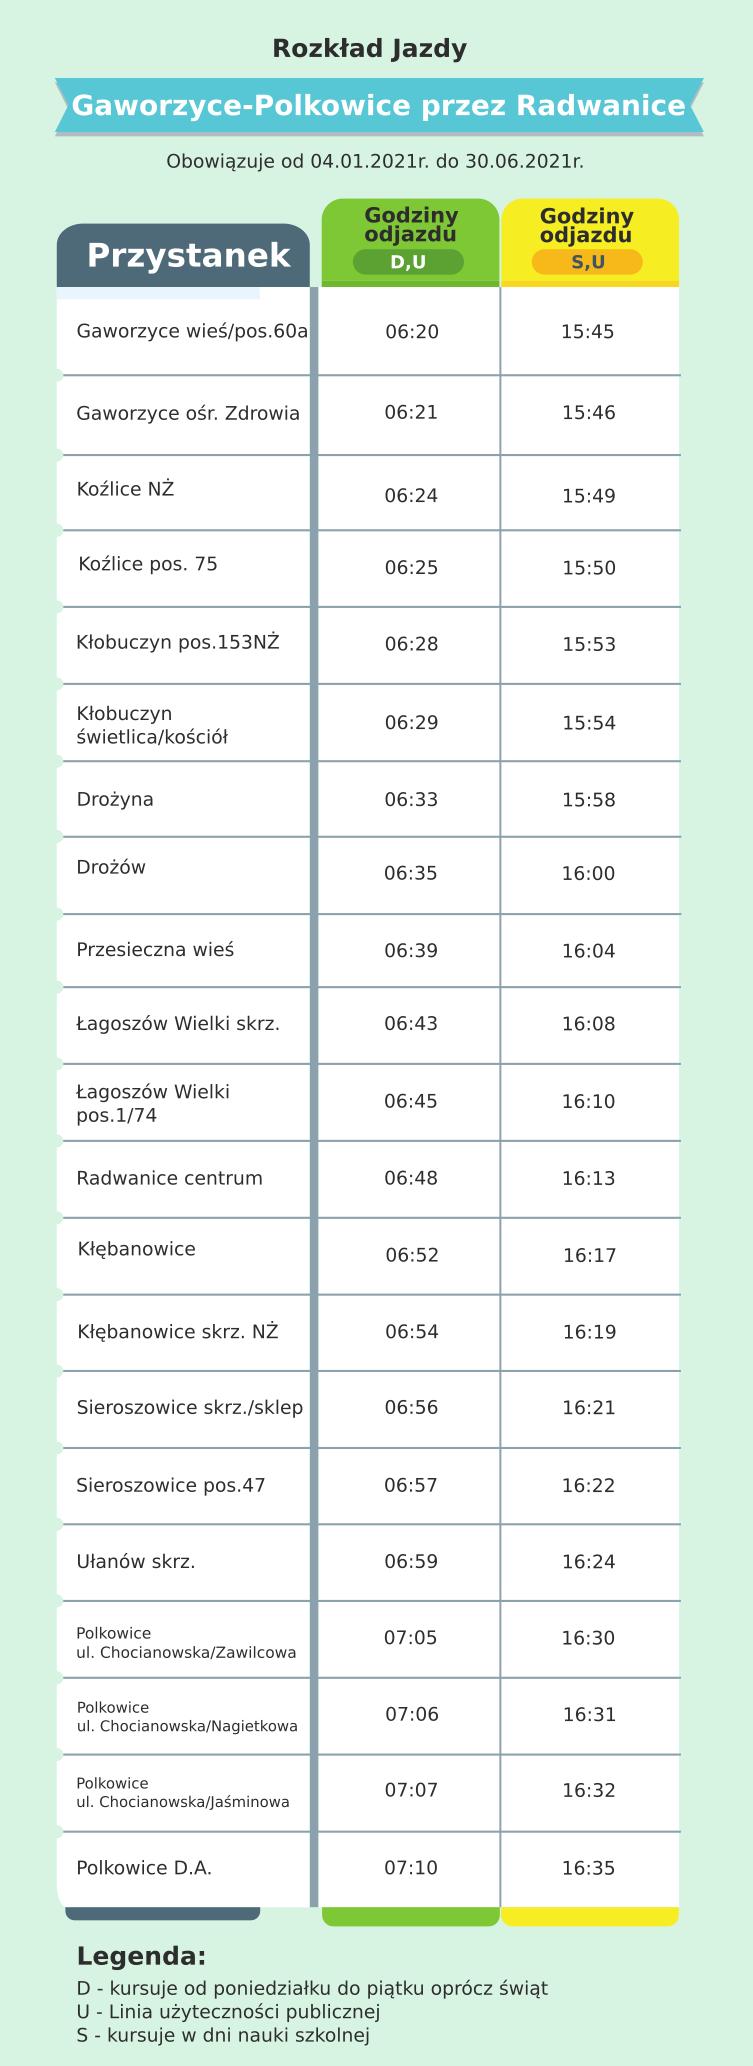 Rozkład jazdy linii Gaworzyce-Polkowice przez Radwanice